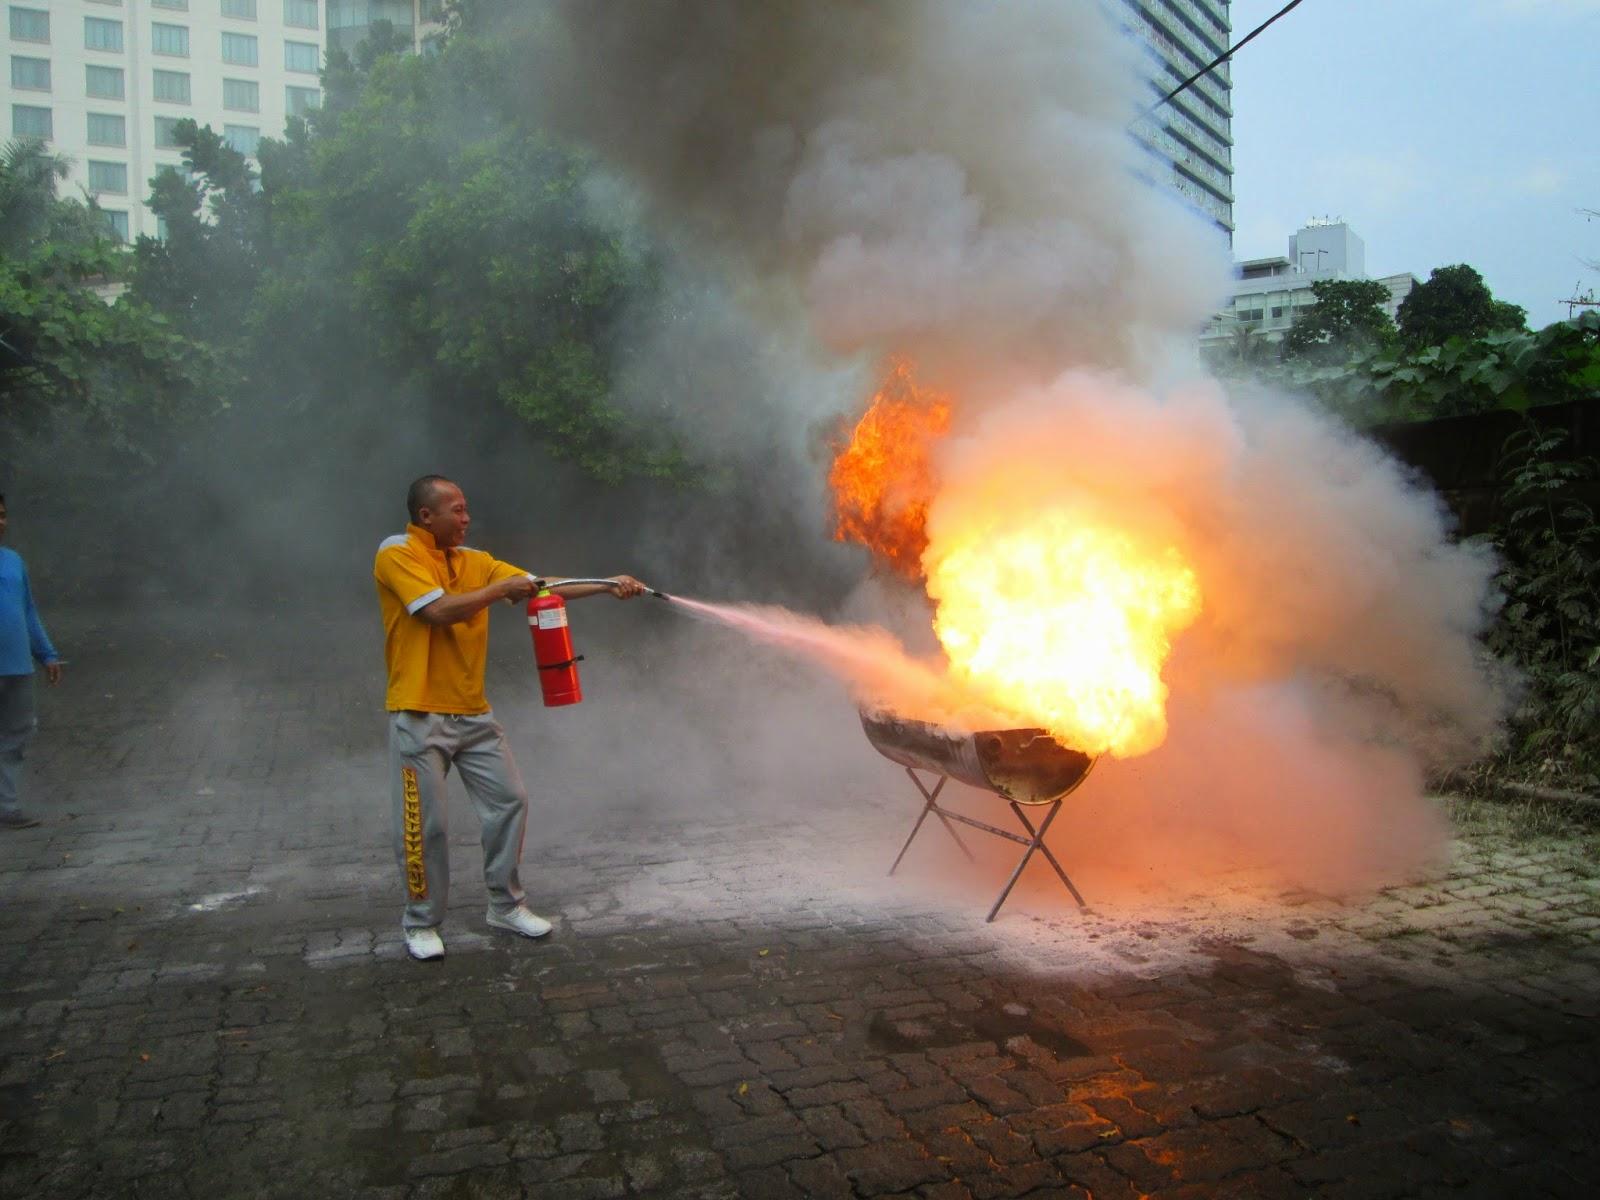 alat pemadam kebakaran murah jakarta